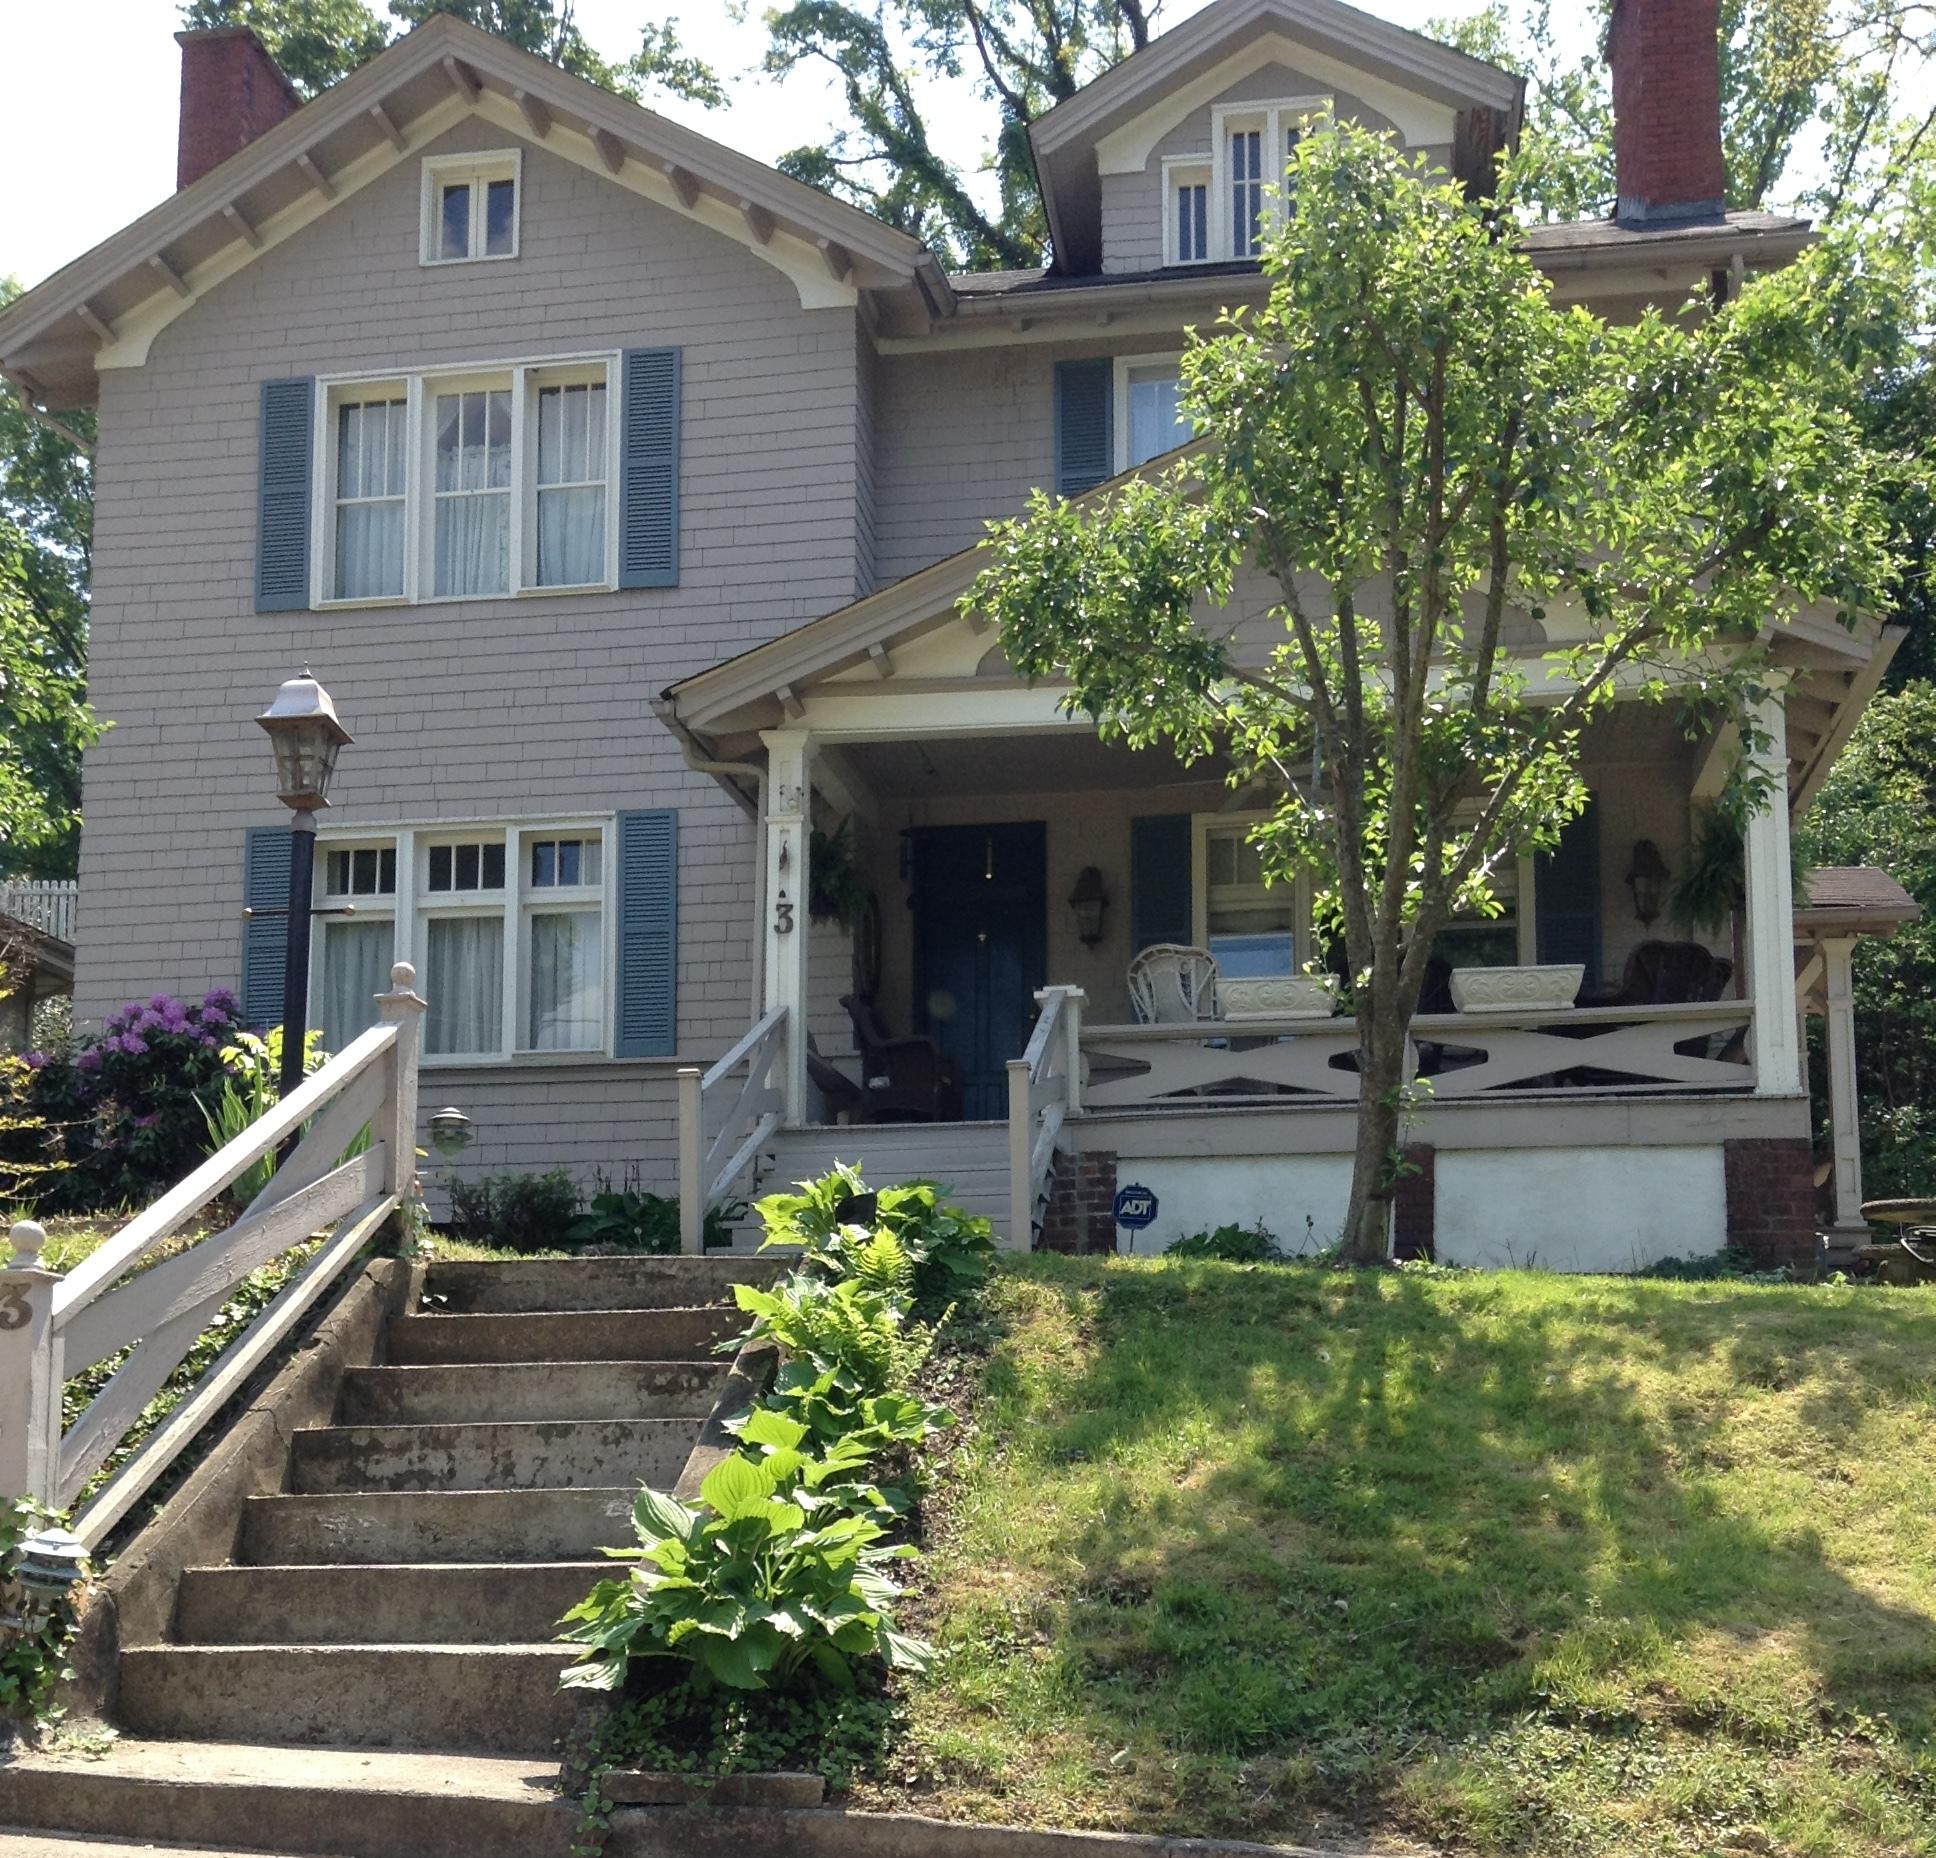 Woodrow/Kilcollin House, 3 Grosscup Road  Photo courtesy of Caitlin Teetor